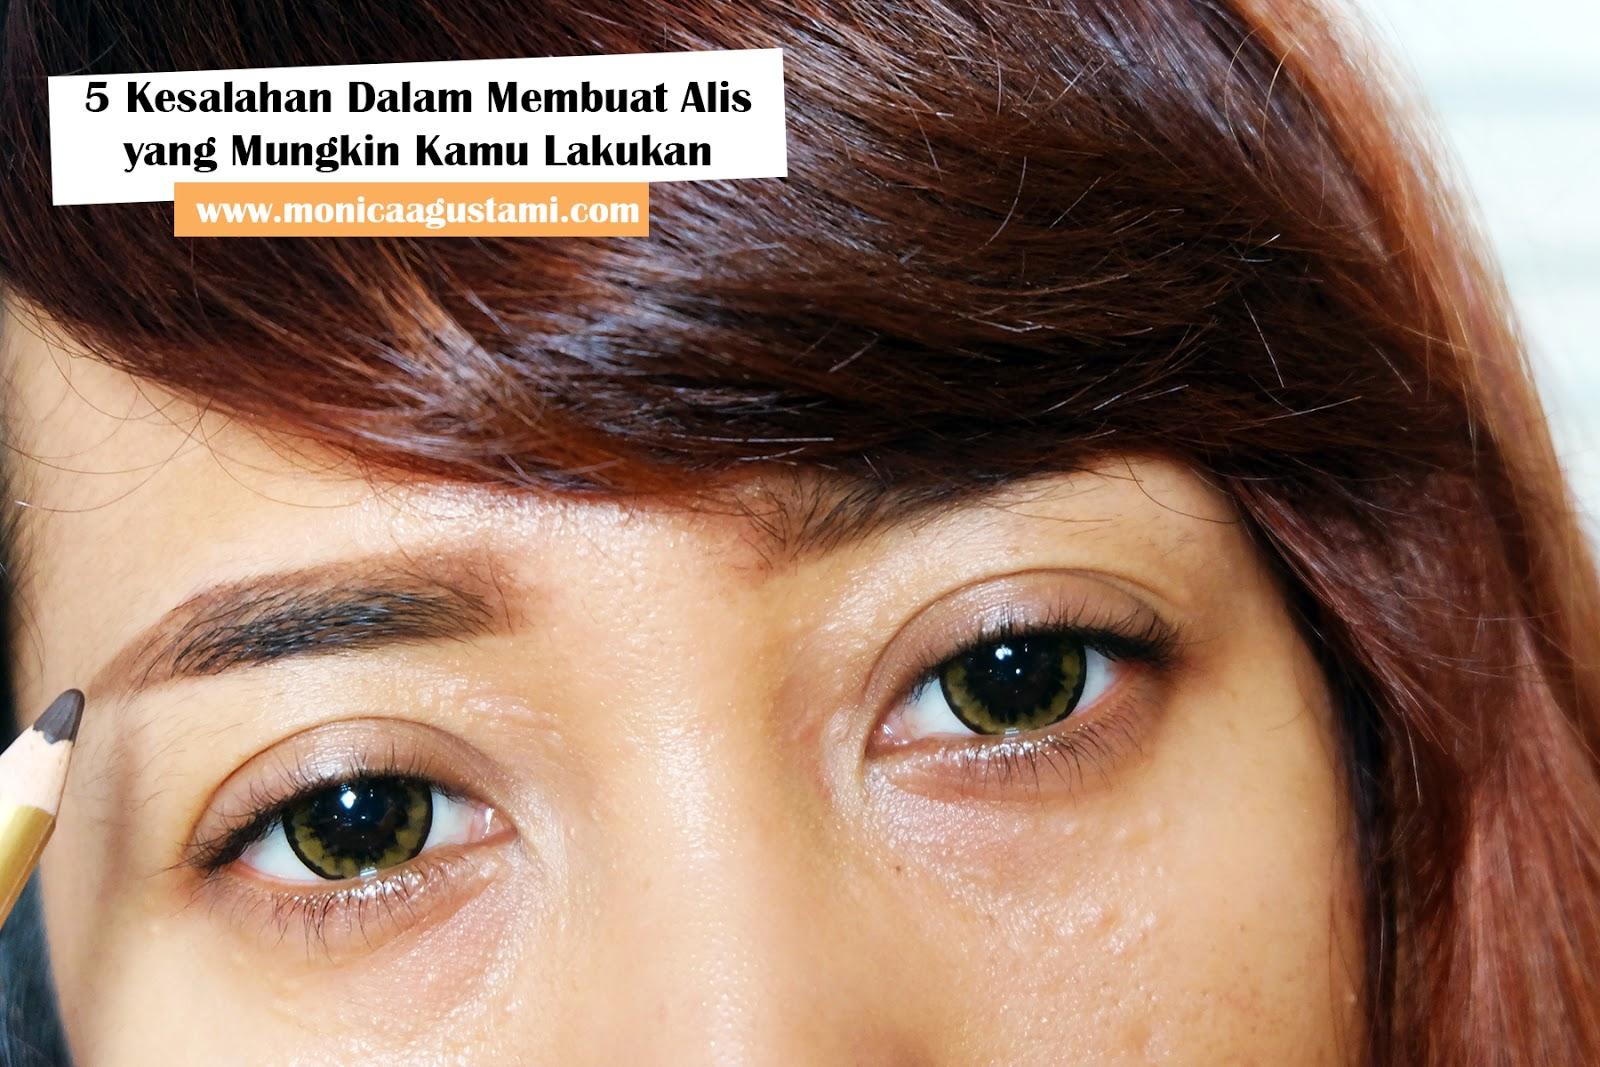 5 Kesalahan Dalam Membuat Alis Yang Mungkin Kamu Lakukan Monica Agustami